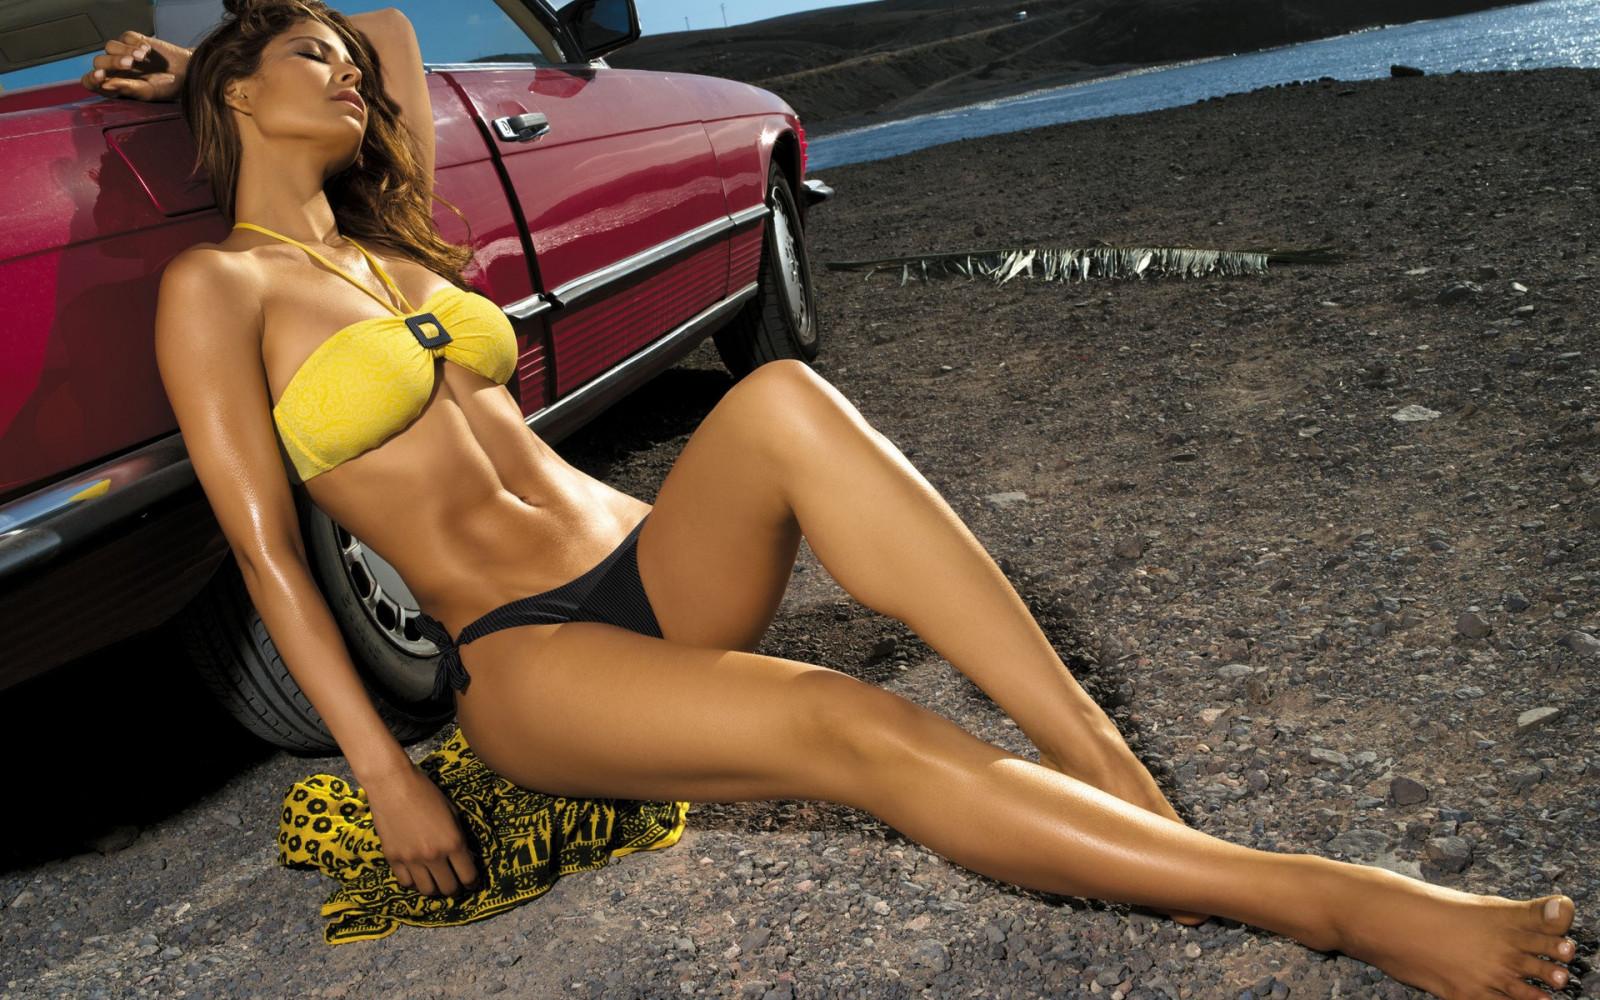 фото красивых девушек в купальниках с авто